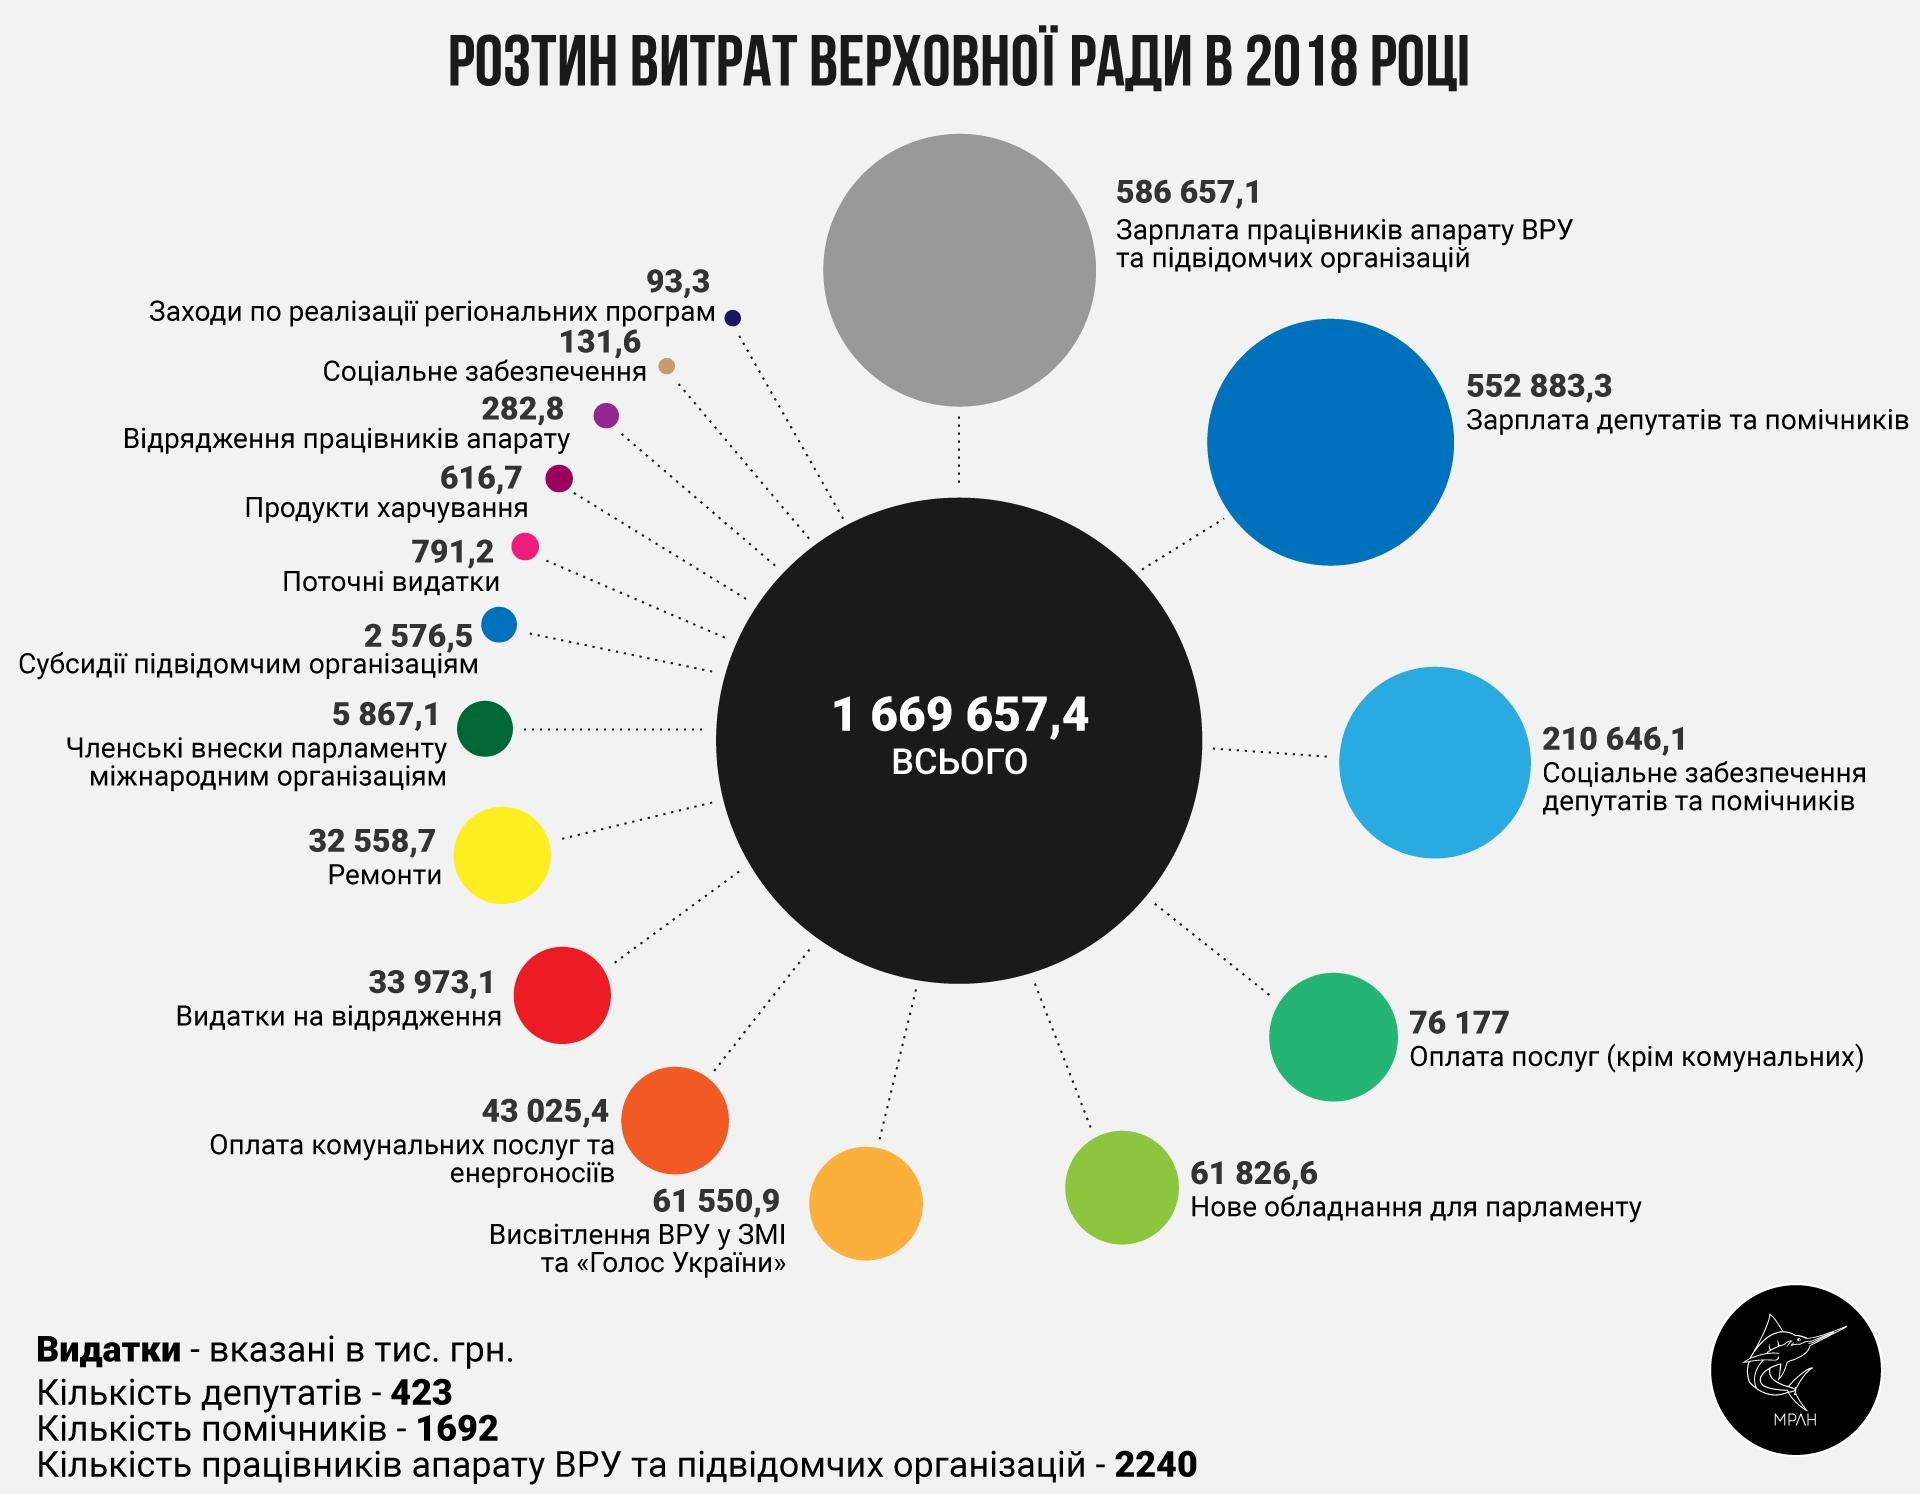 Зарплаты депутатов могут вырасти на 390 млн грн - СМИ - Новость Экономика - ЛІГА.Финансы